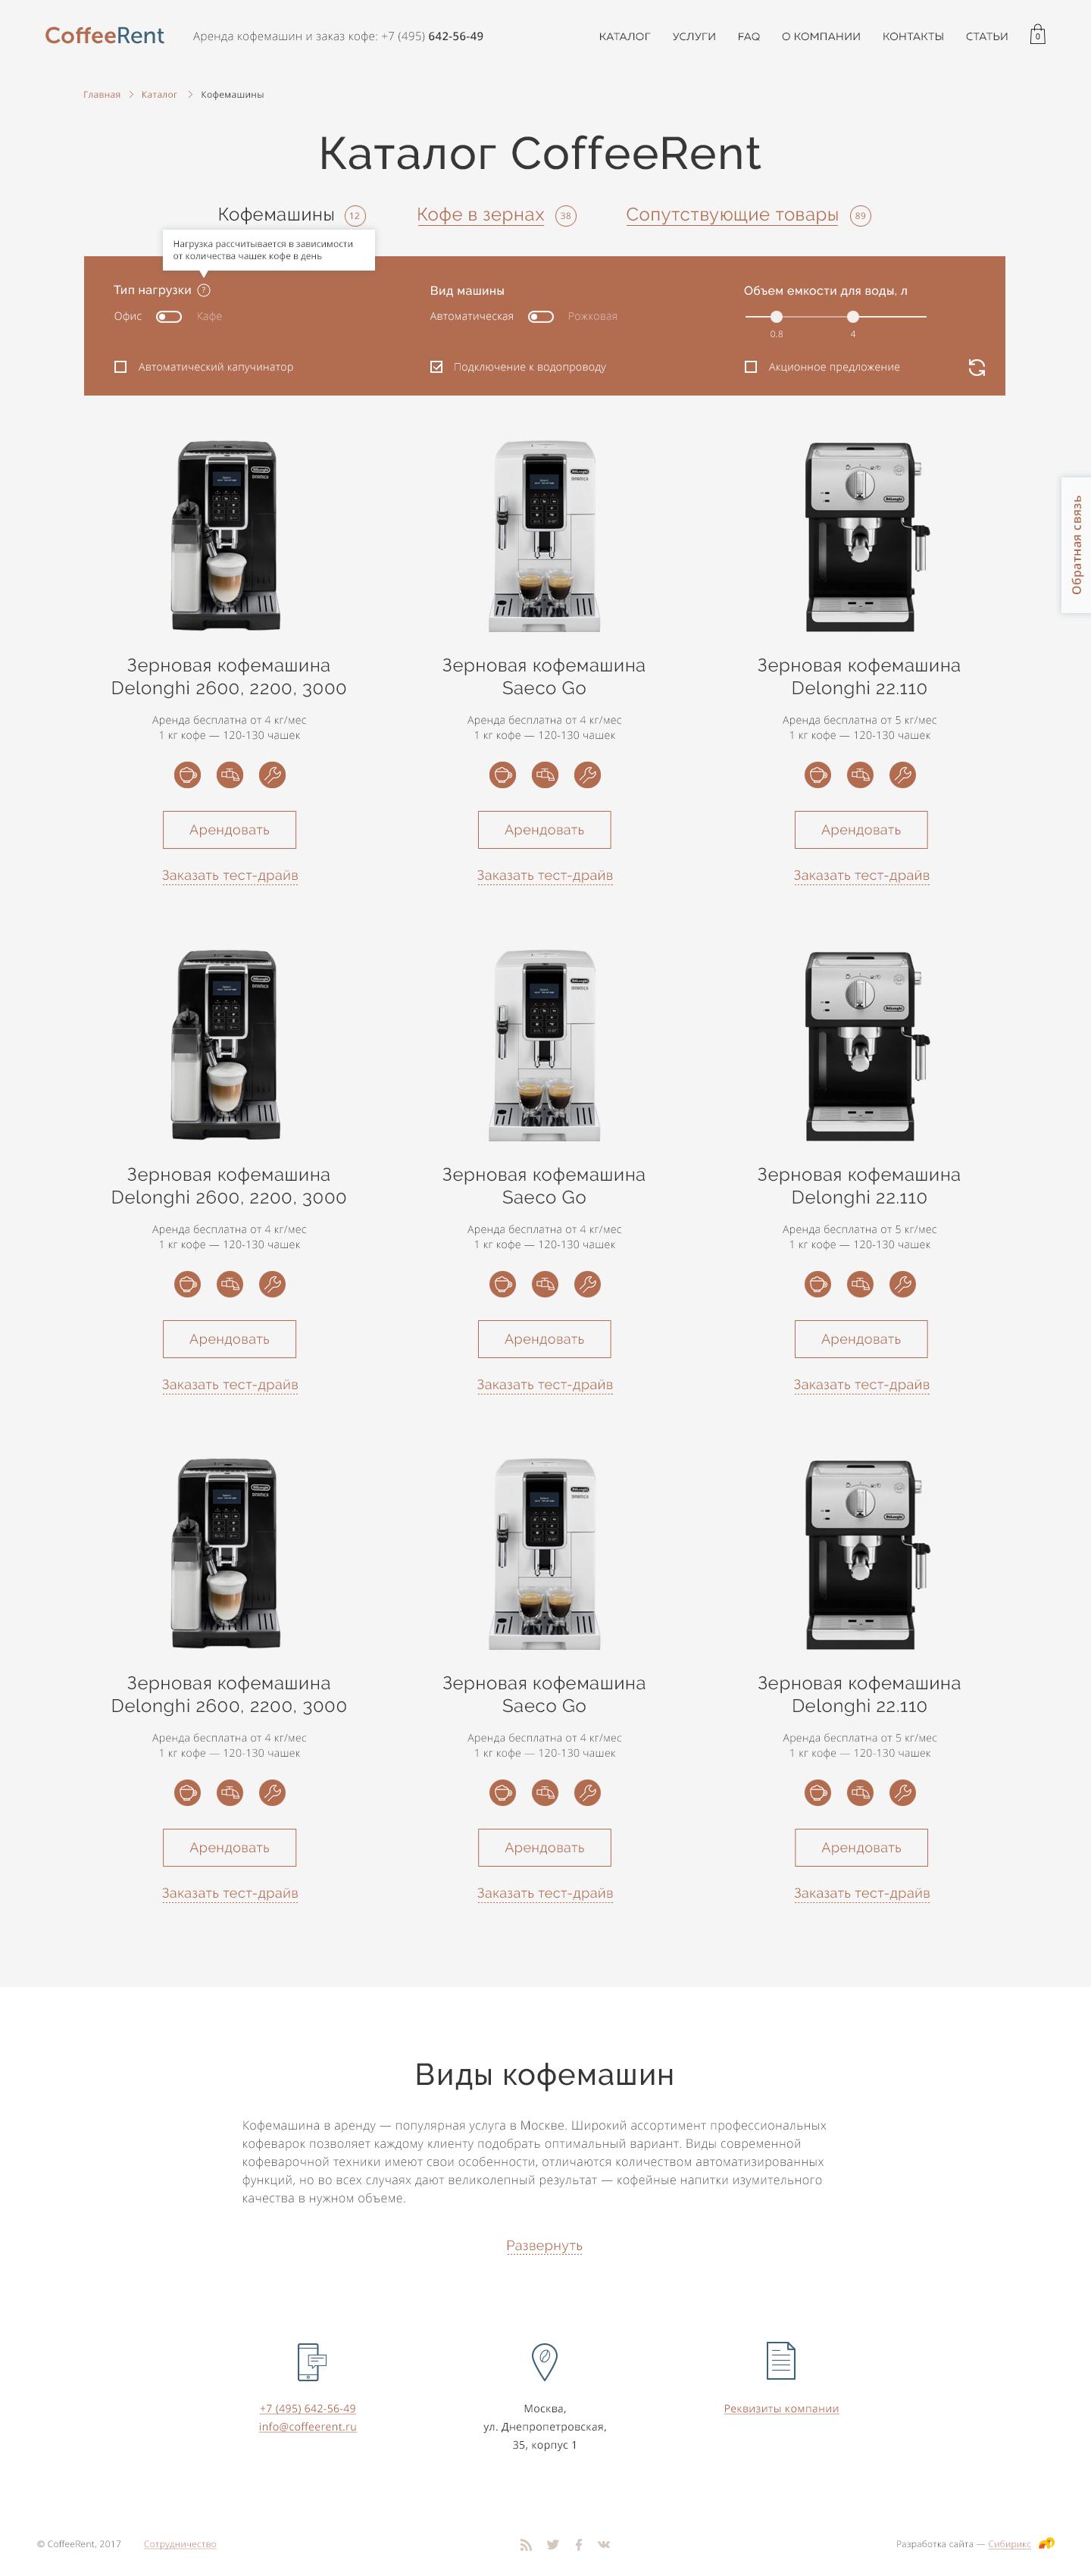 <p><b>Каталог</b></p><p>Каталог разделён натипы товаров: есть отдельная вкладка для кофемашин, сортов кофе исопутствующих товаров. Для кофемашин задаётся минимум важных параметров: тип нагрузки (офис или общепит), тип (рожковая или автоматическая) иобъём воды.</p>